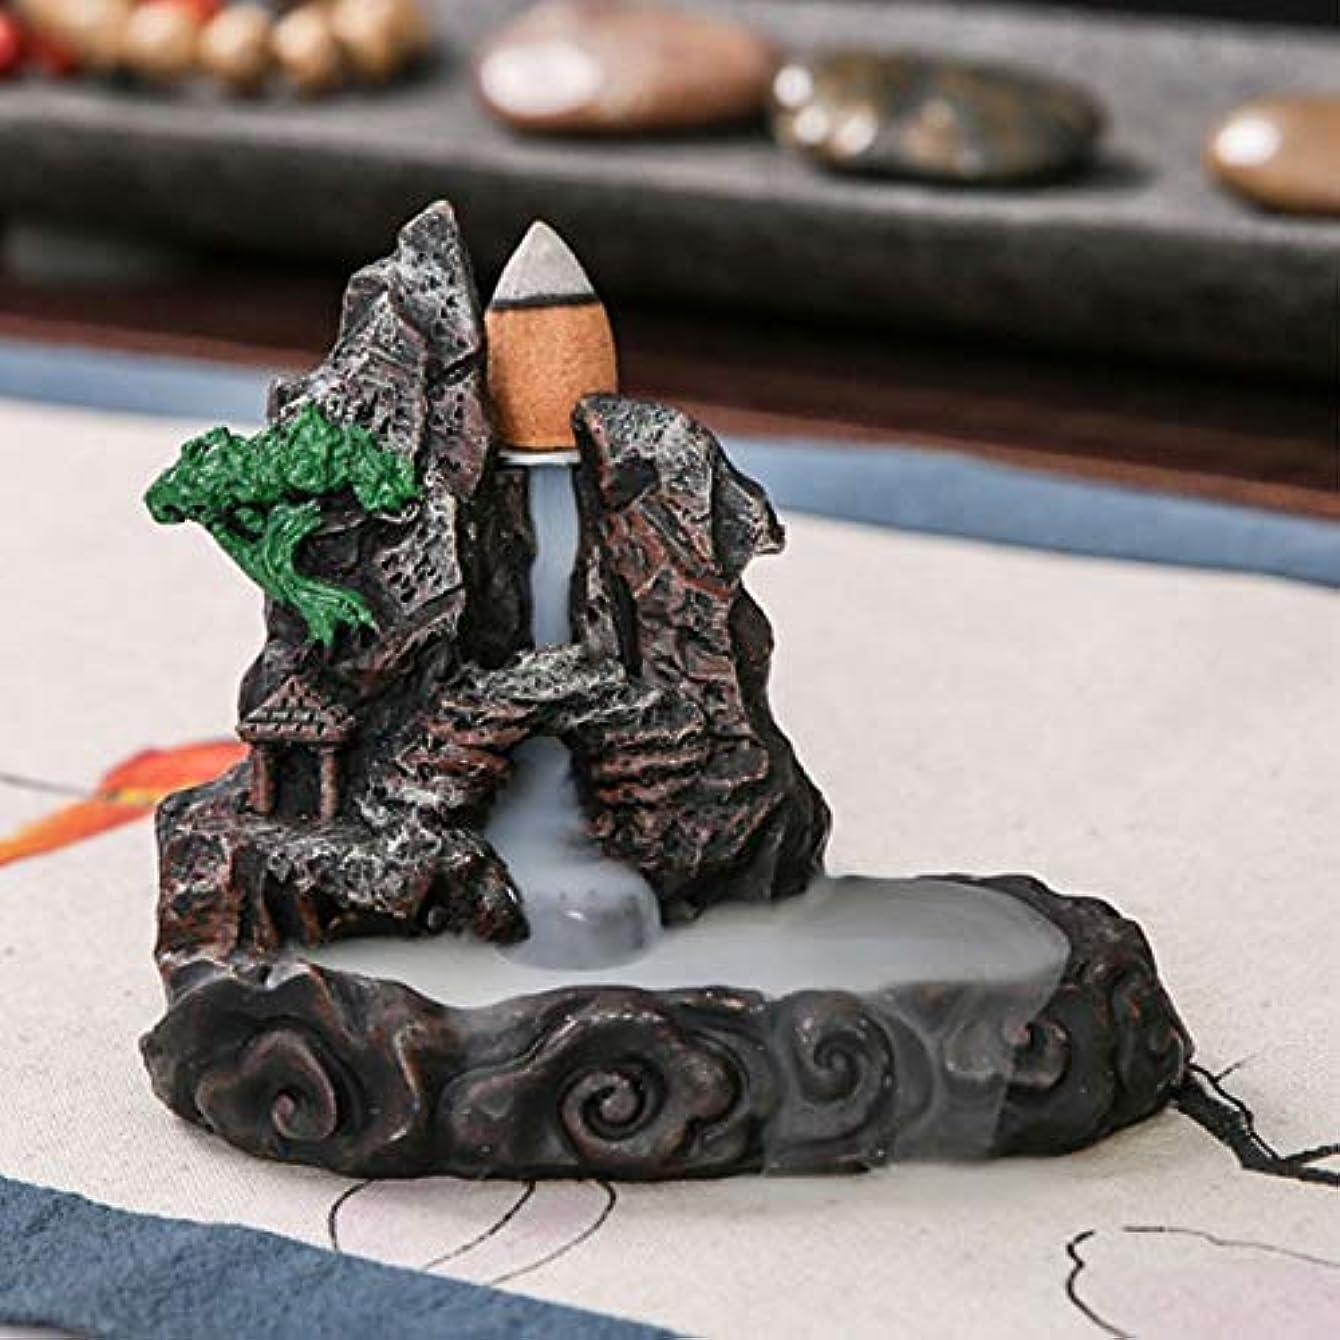 どこにでもロータリートイレお香炉 流れるようなセラミック製煙山デザイン 香炉 香炉 タワーホルダー ホームインテリア ブラック 733153361444